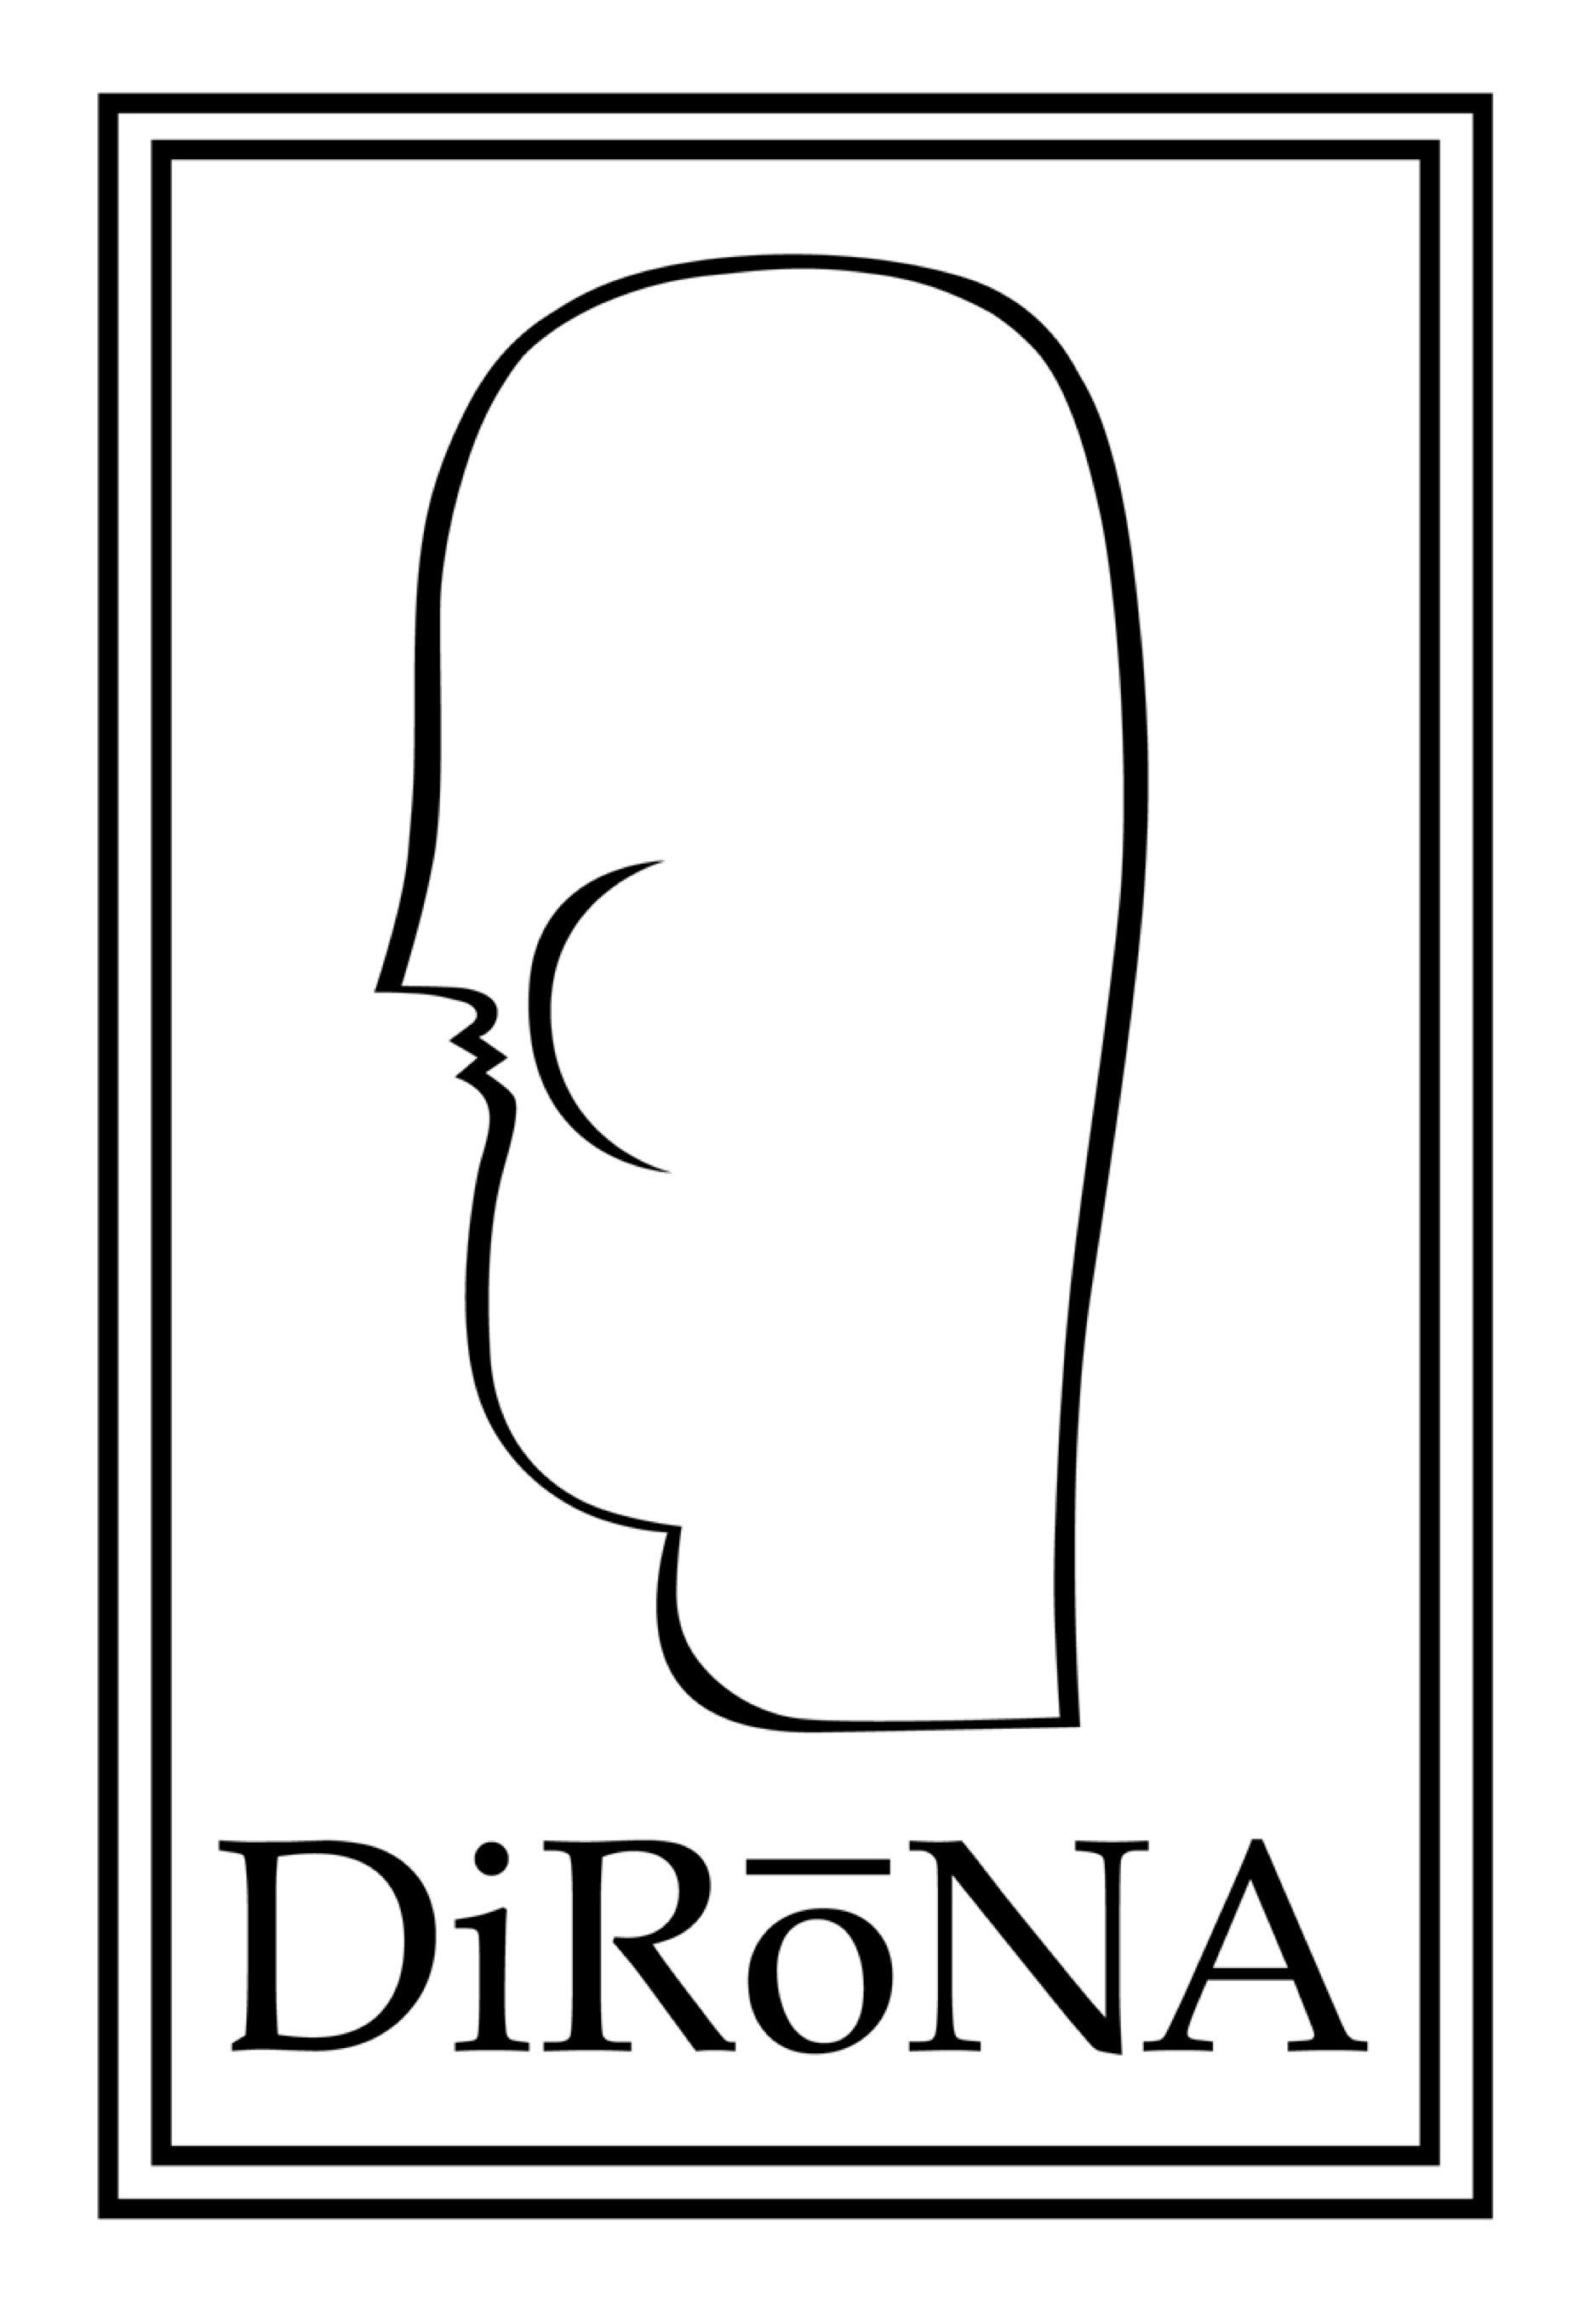 DiRoNA Award